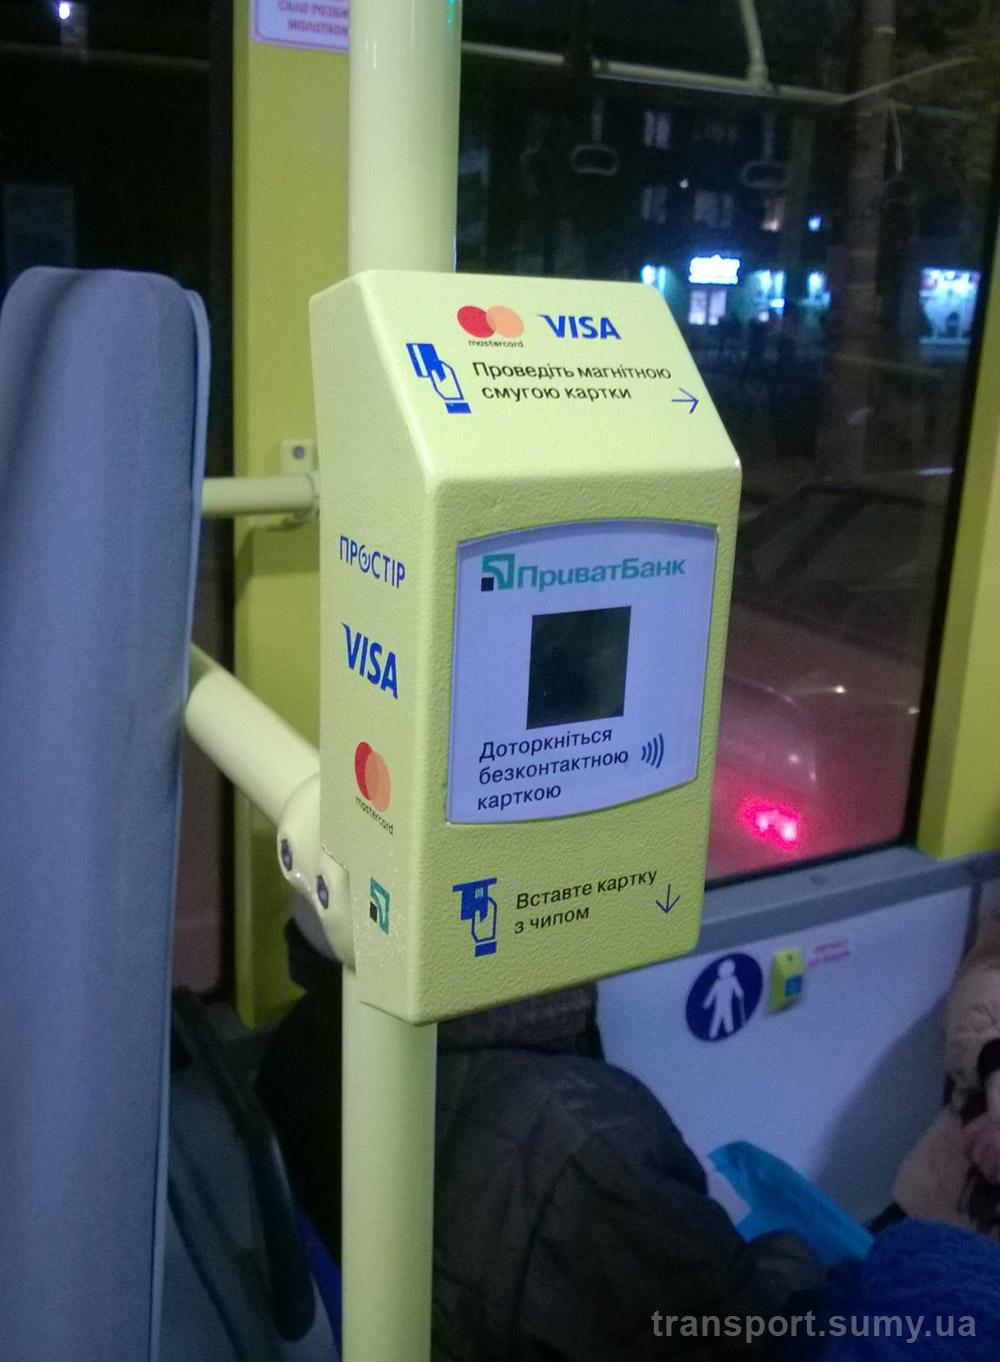 Терминал Приватбанка для оплаты картой за проезд в троллейбусе. Фото: Андрей Шаванов